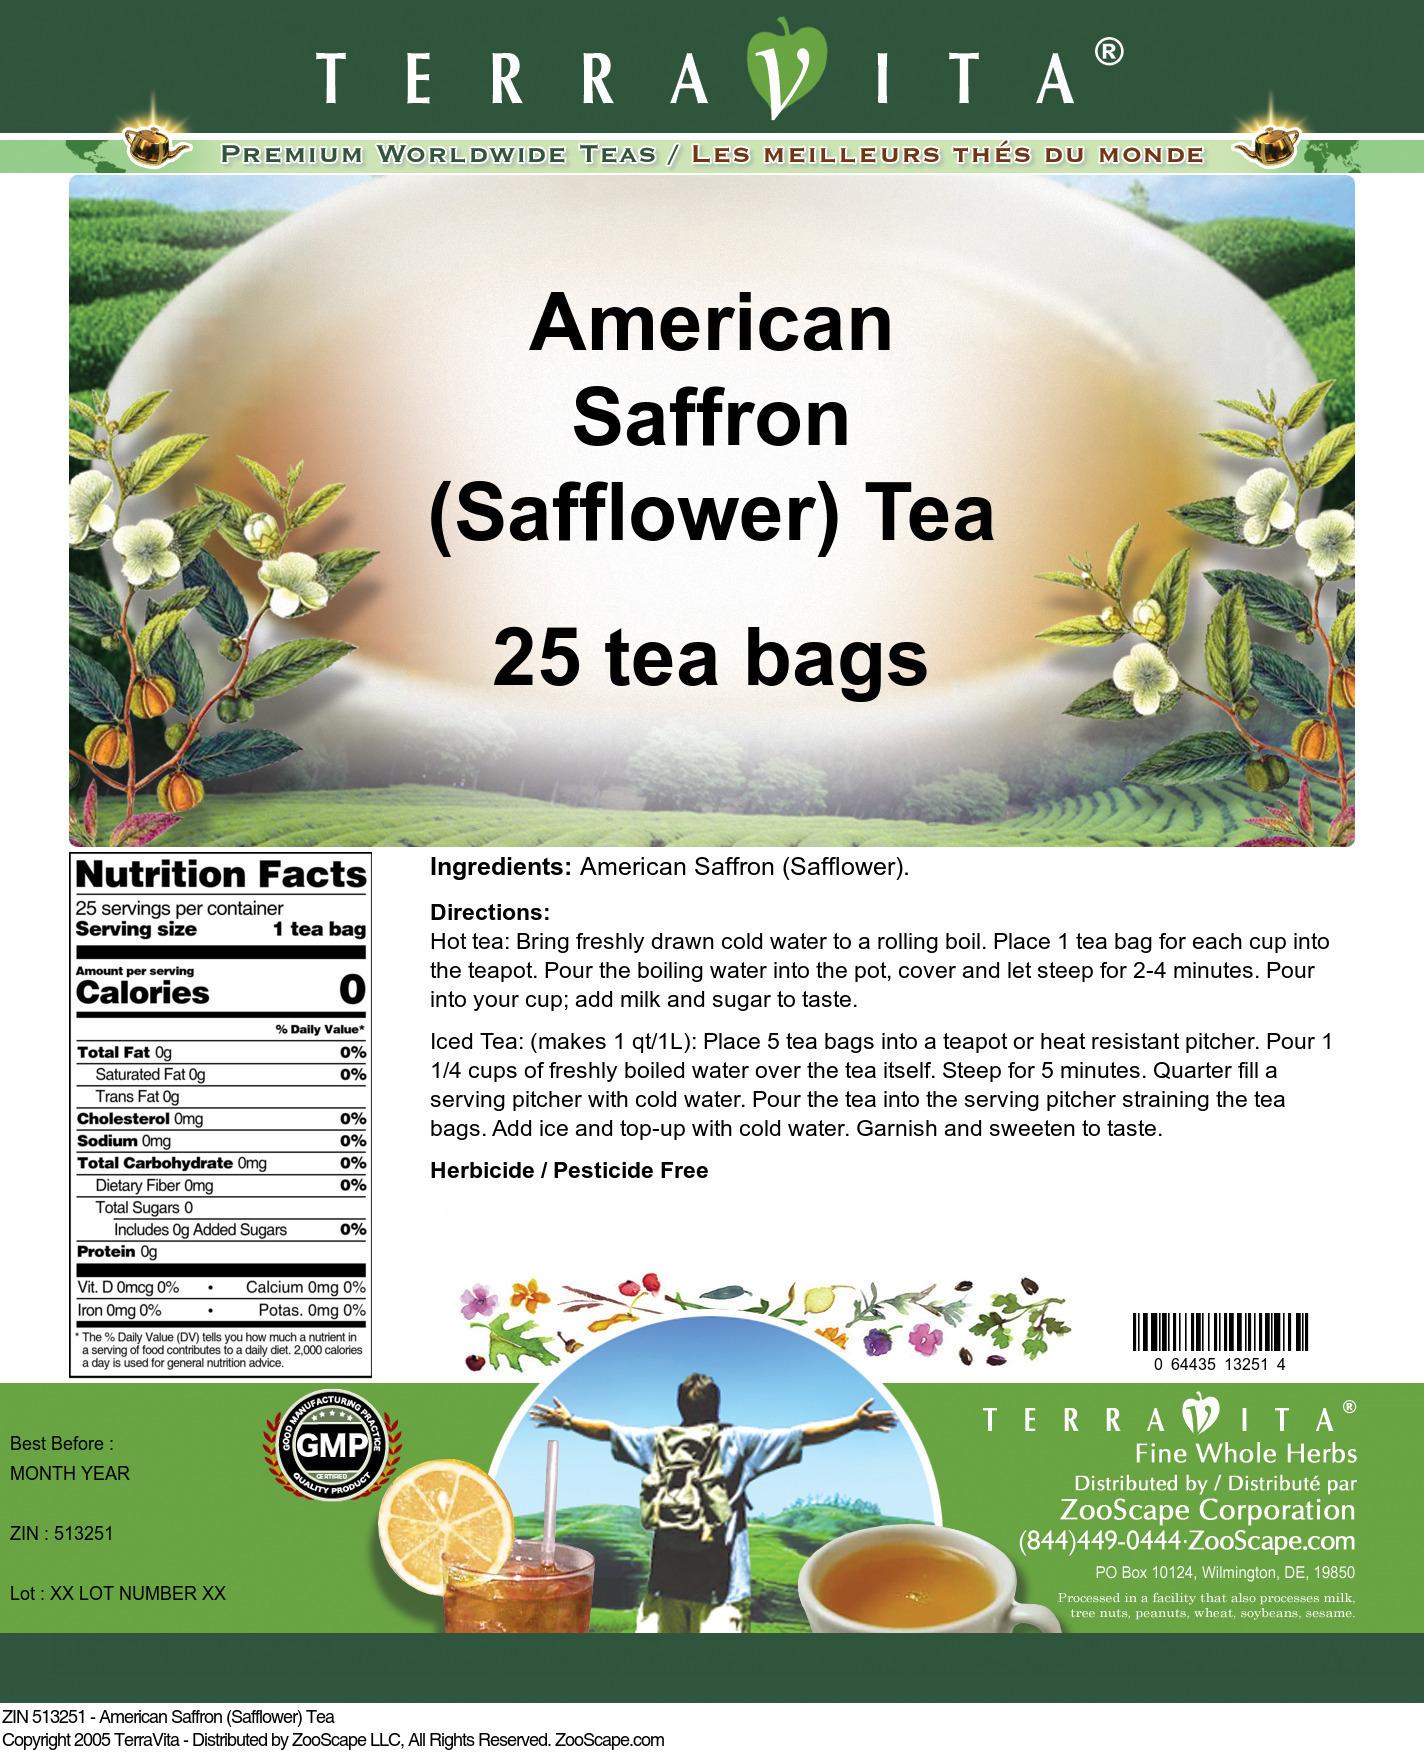 American Saffron (Safflower) Tea